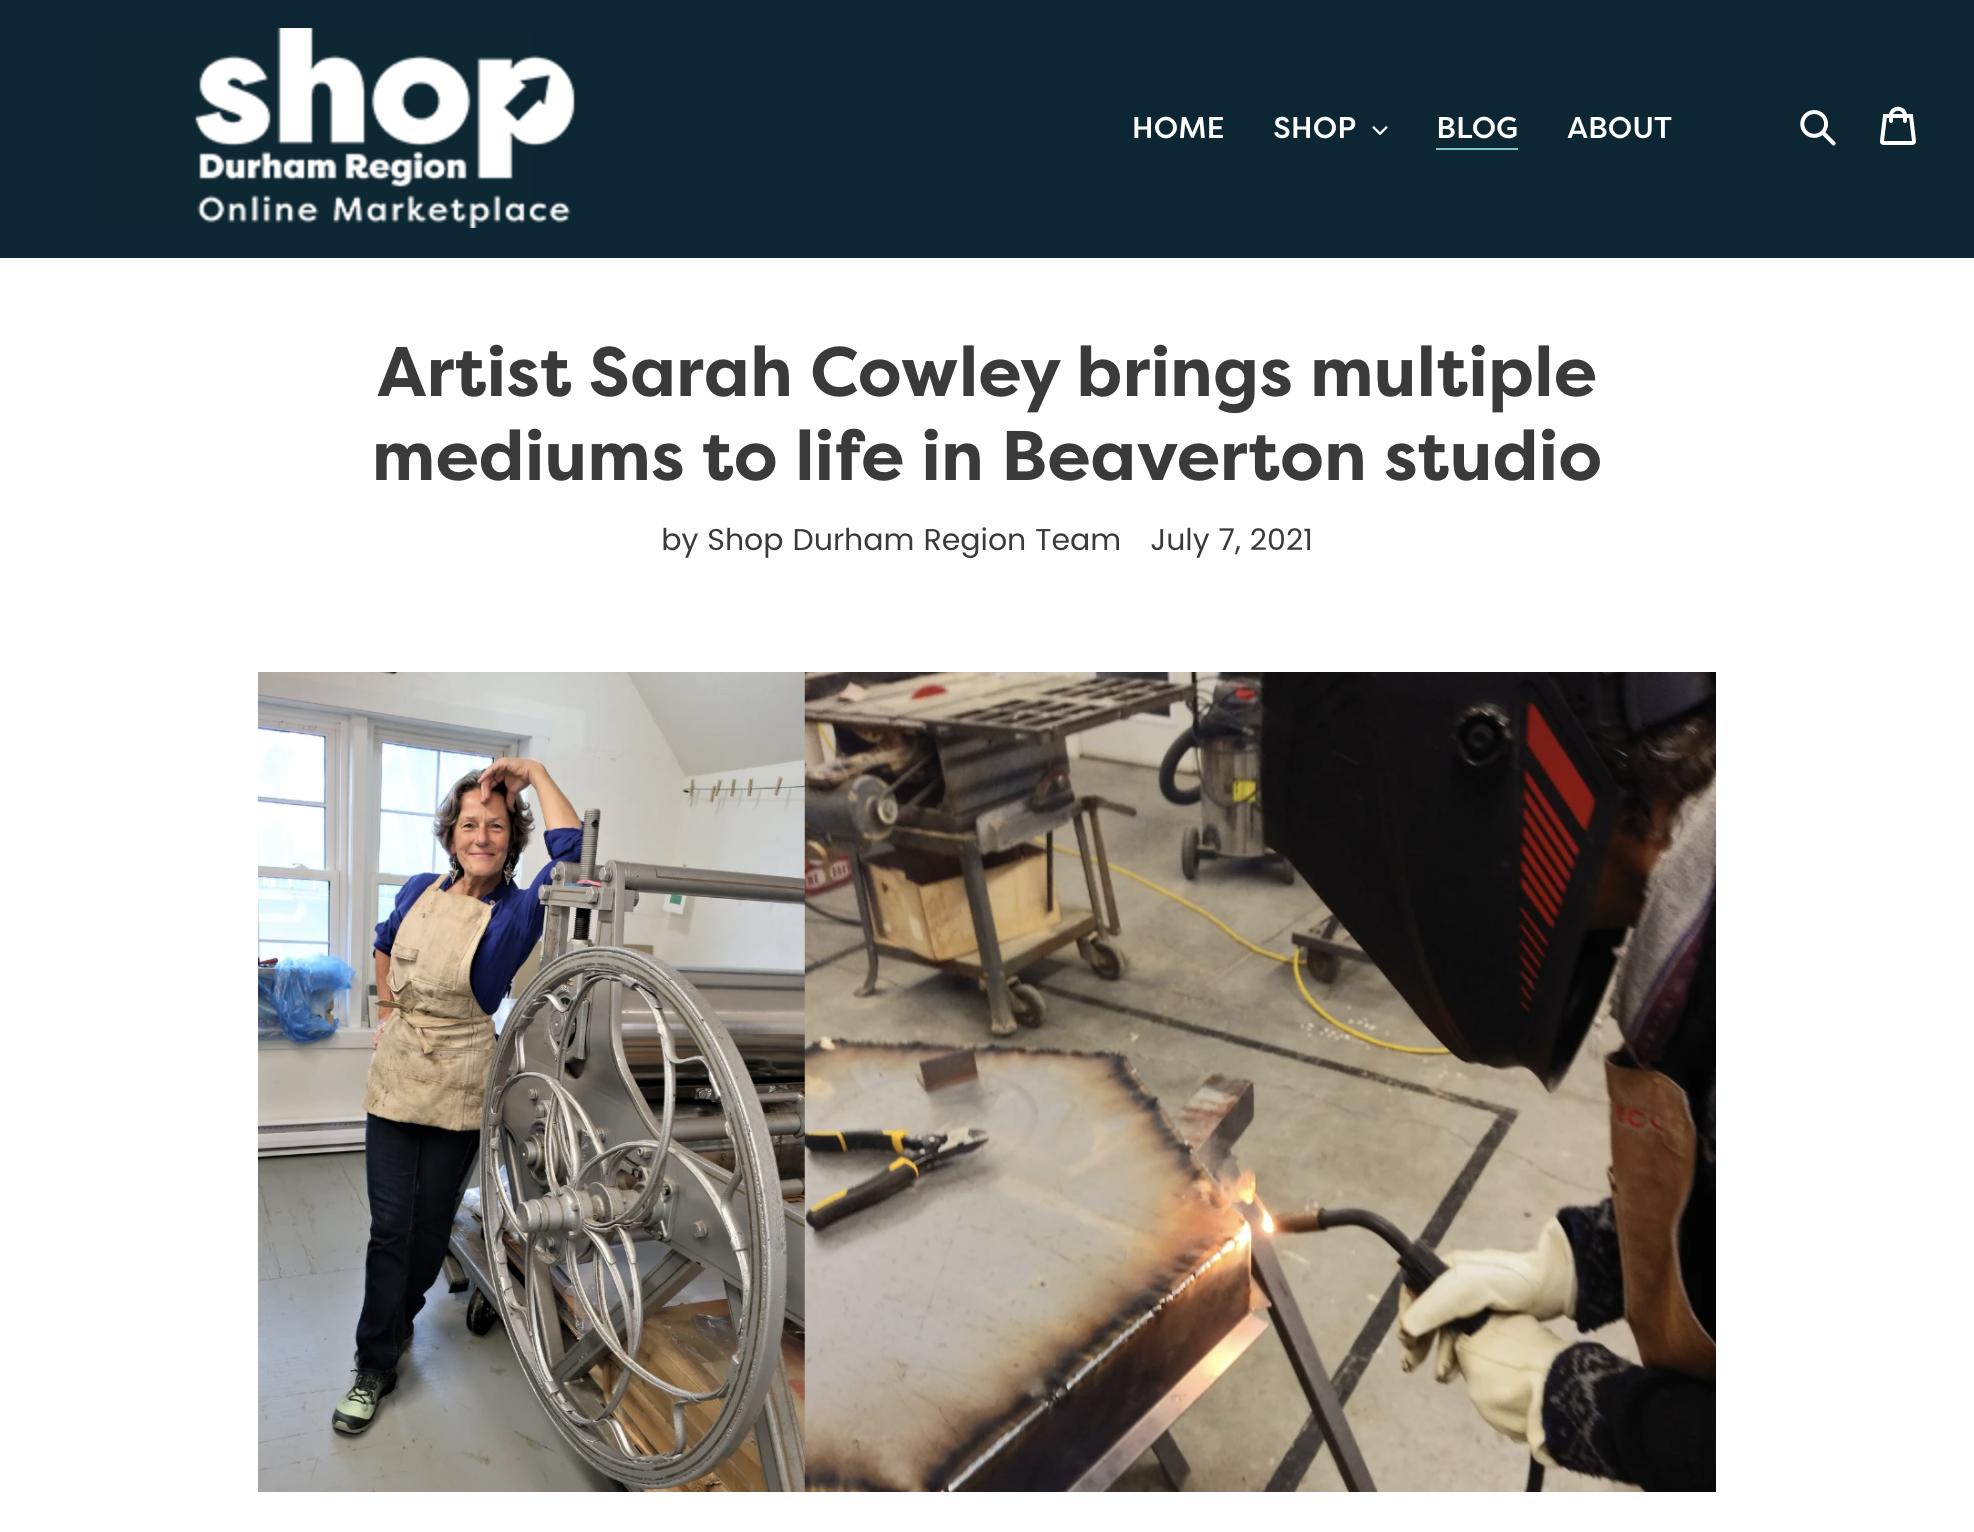 Sarah Cowley gets interviewed on Shop Durham Region